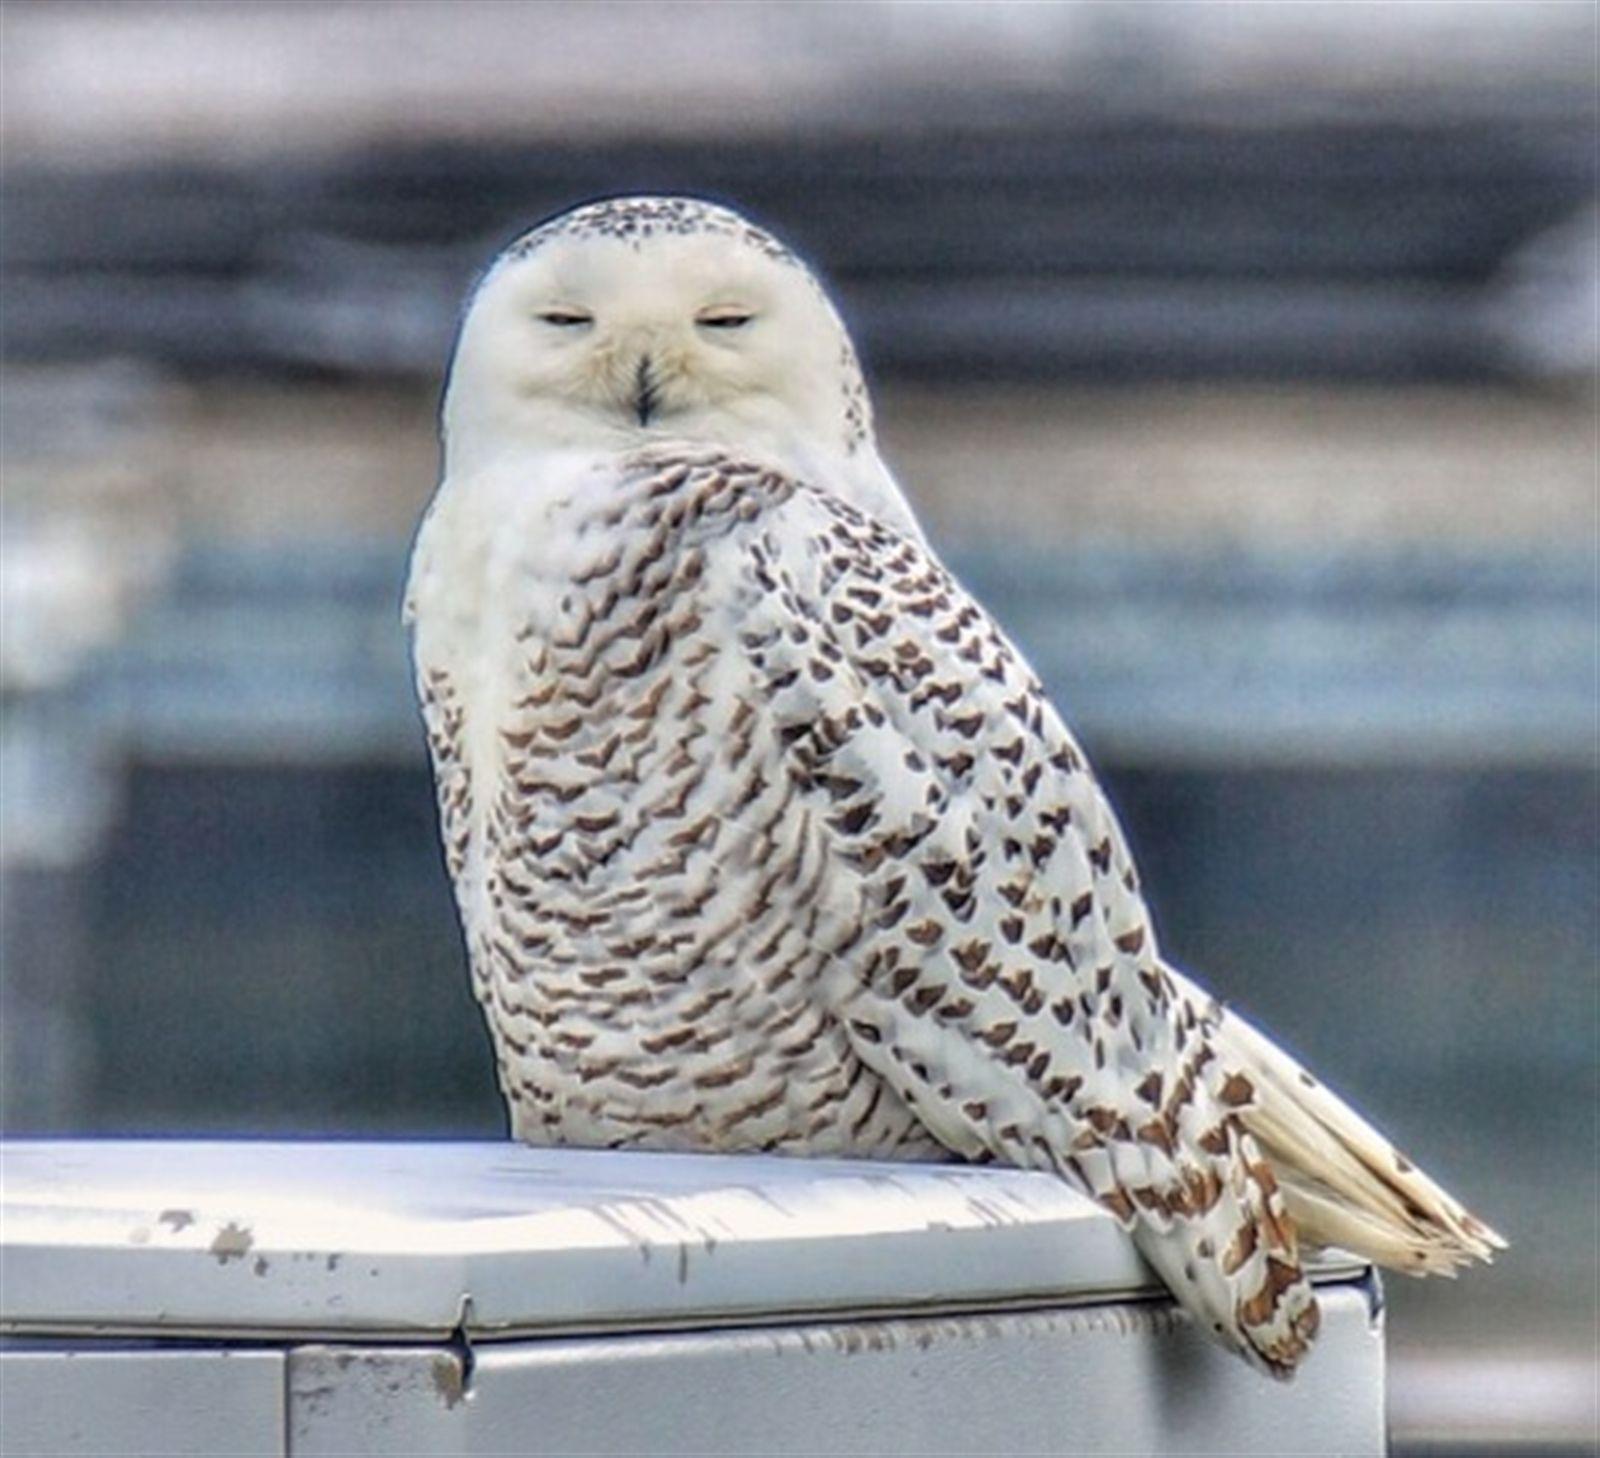 A snowy owl taken on Jan. 15, 2020 in Buffalo.